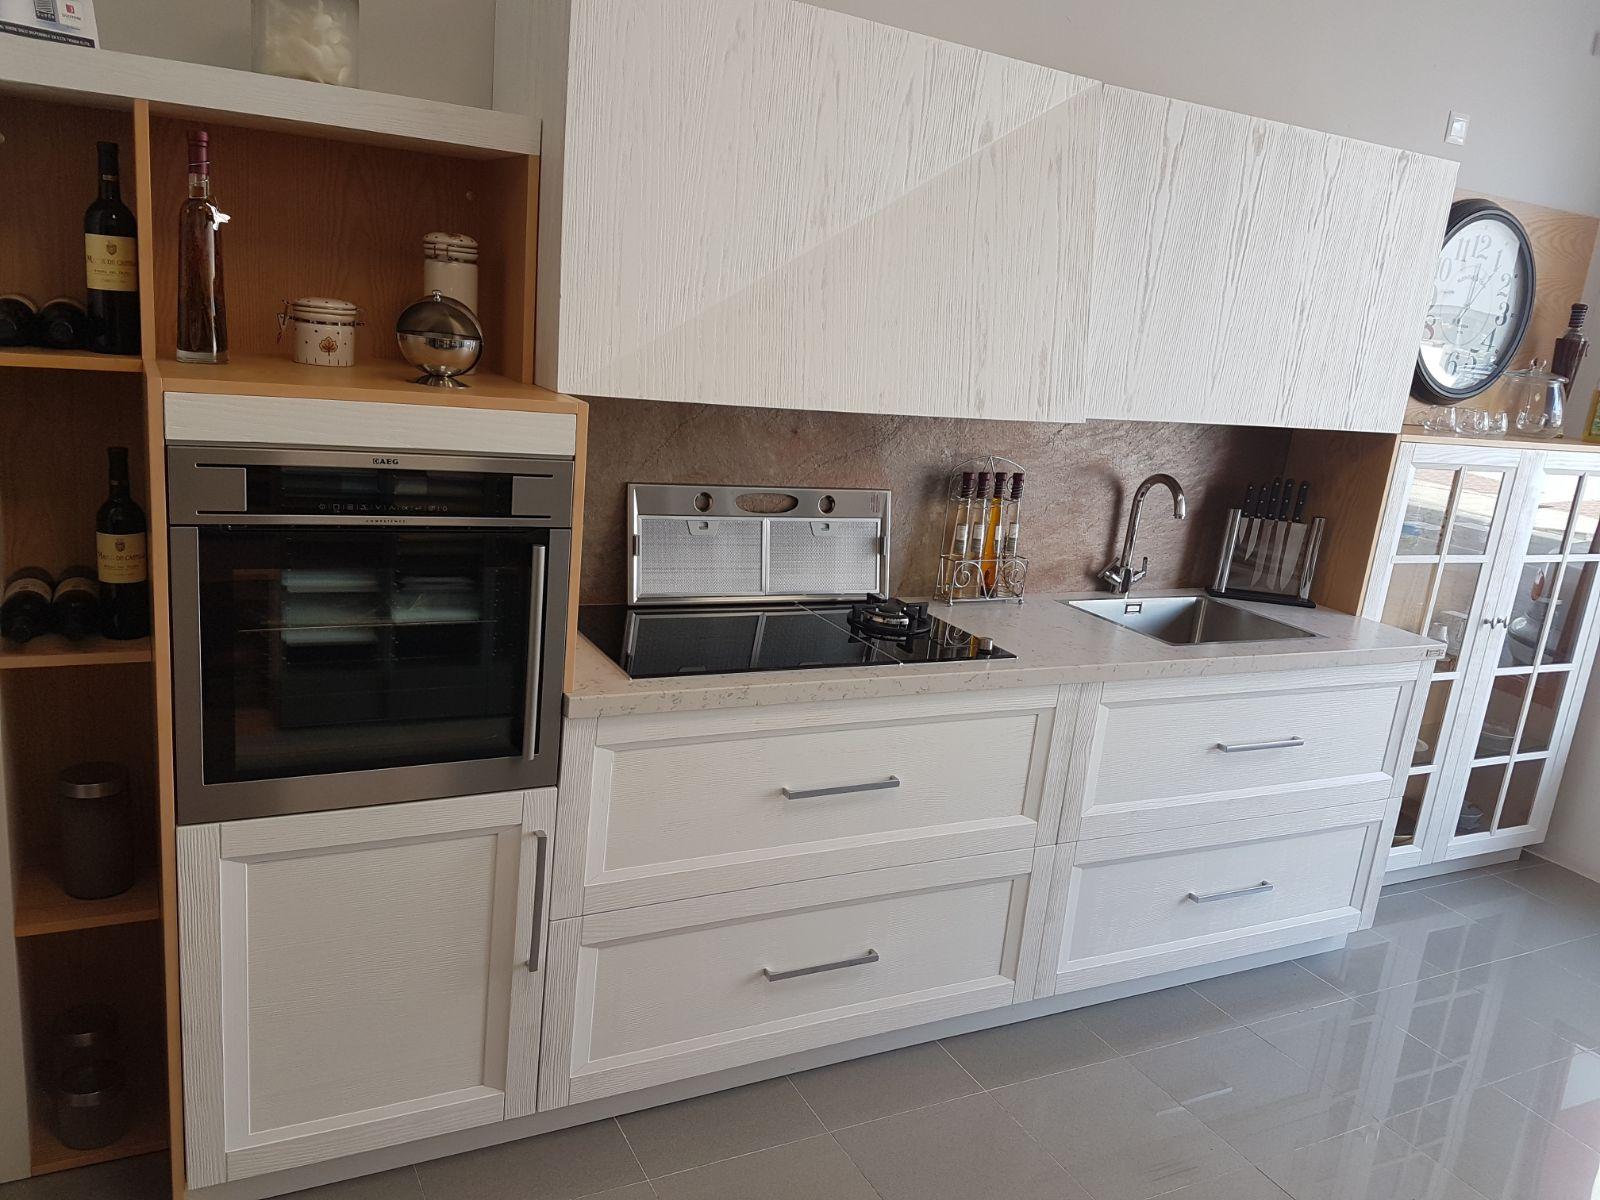 Cocina de exposición 3 - Diseño e instalación de cocinas - Idecocina